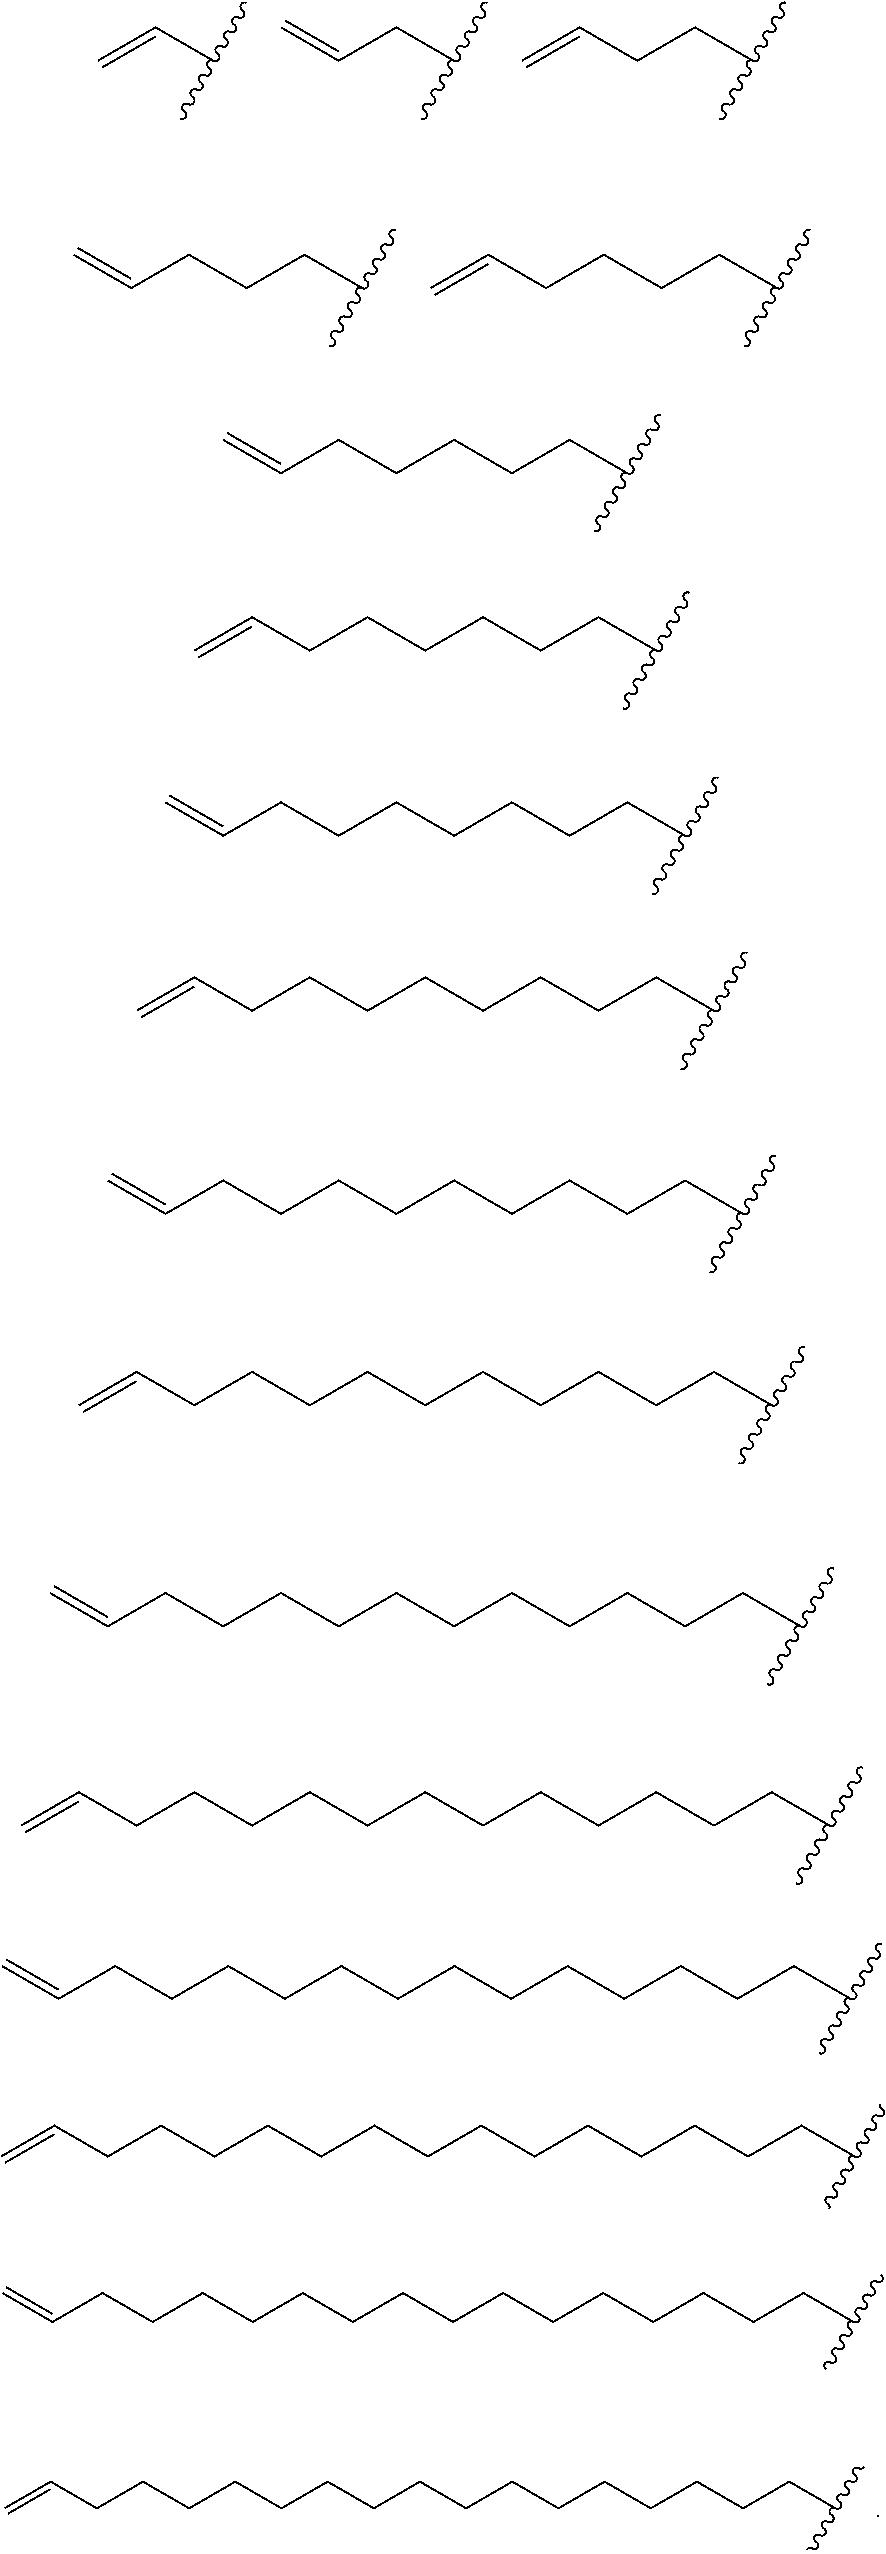 Figure US08969353-20150303-C00112